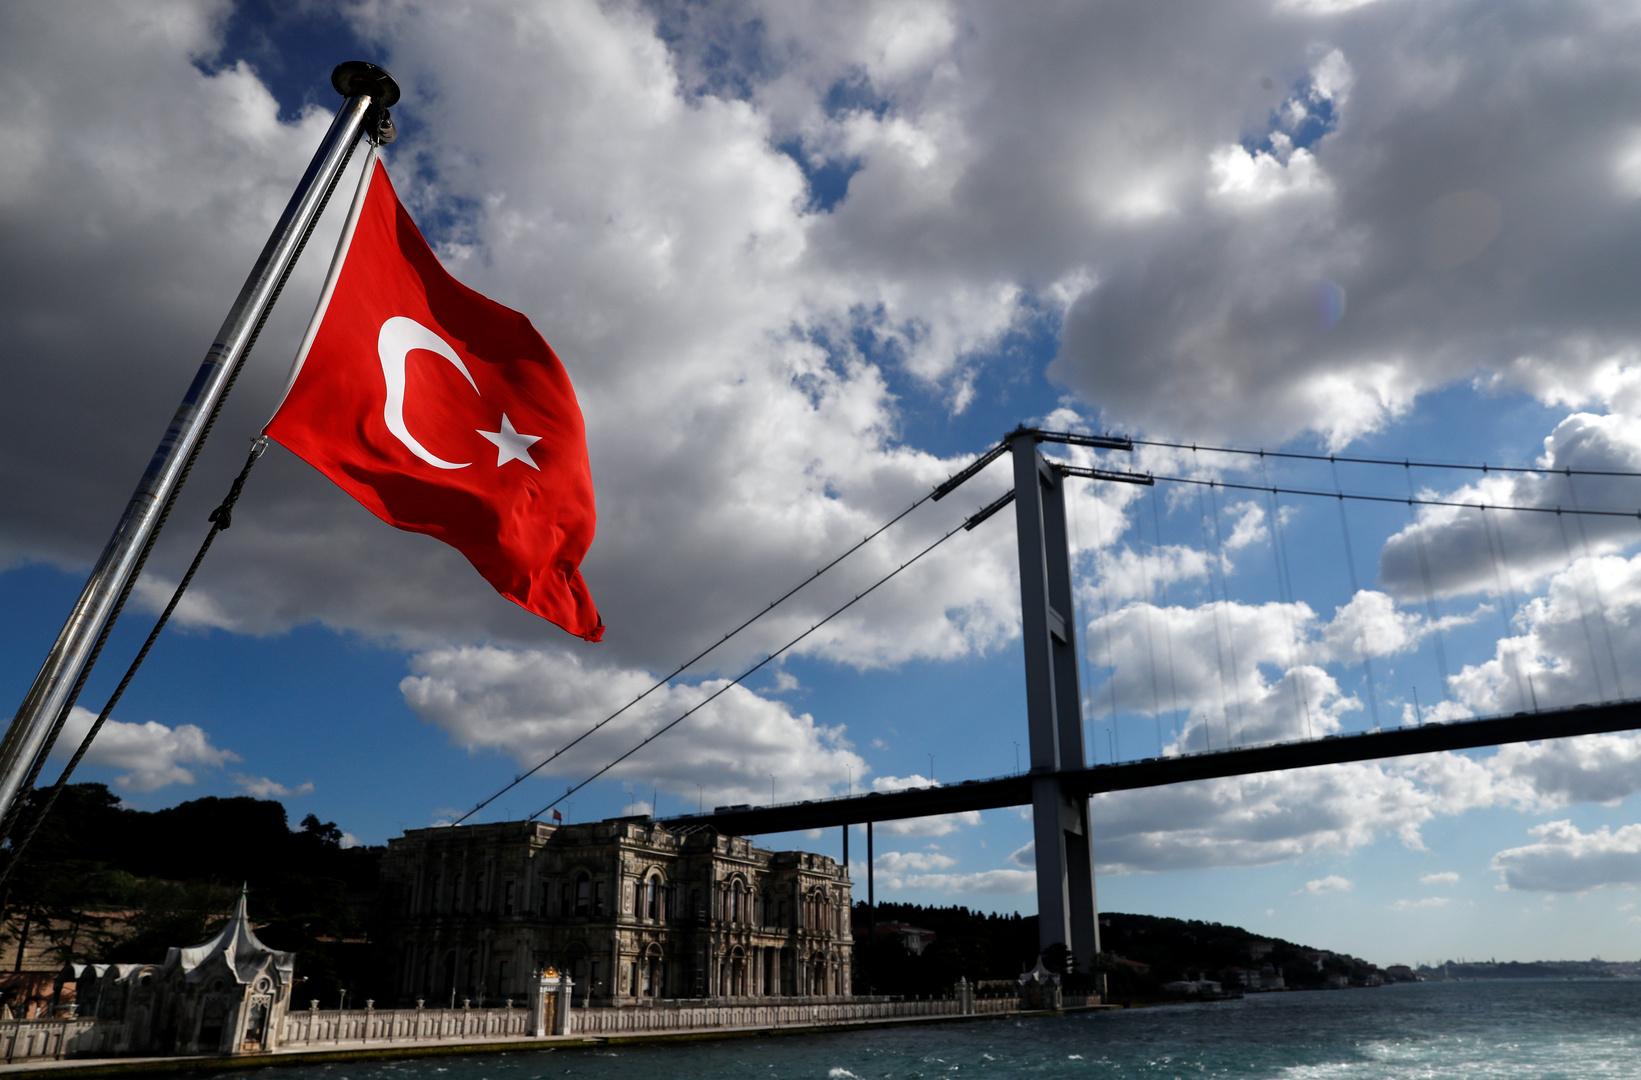 شهود عيان: تركيا تنقل مسلحين سوريين من ليبيا إلى اسطنبول